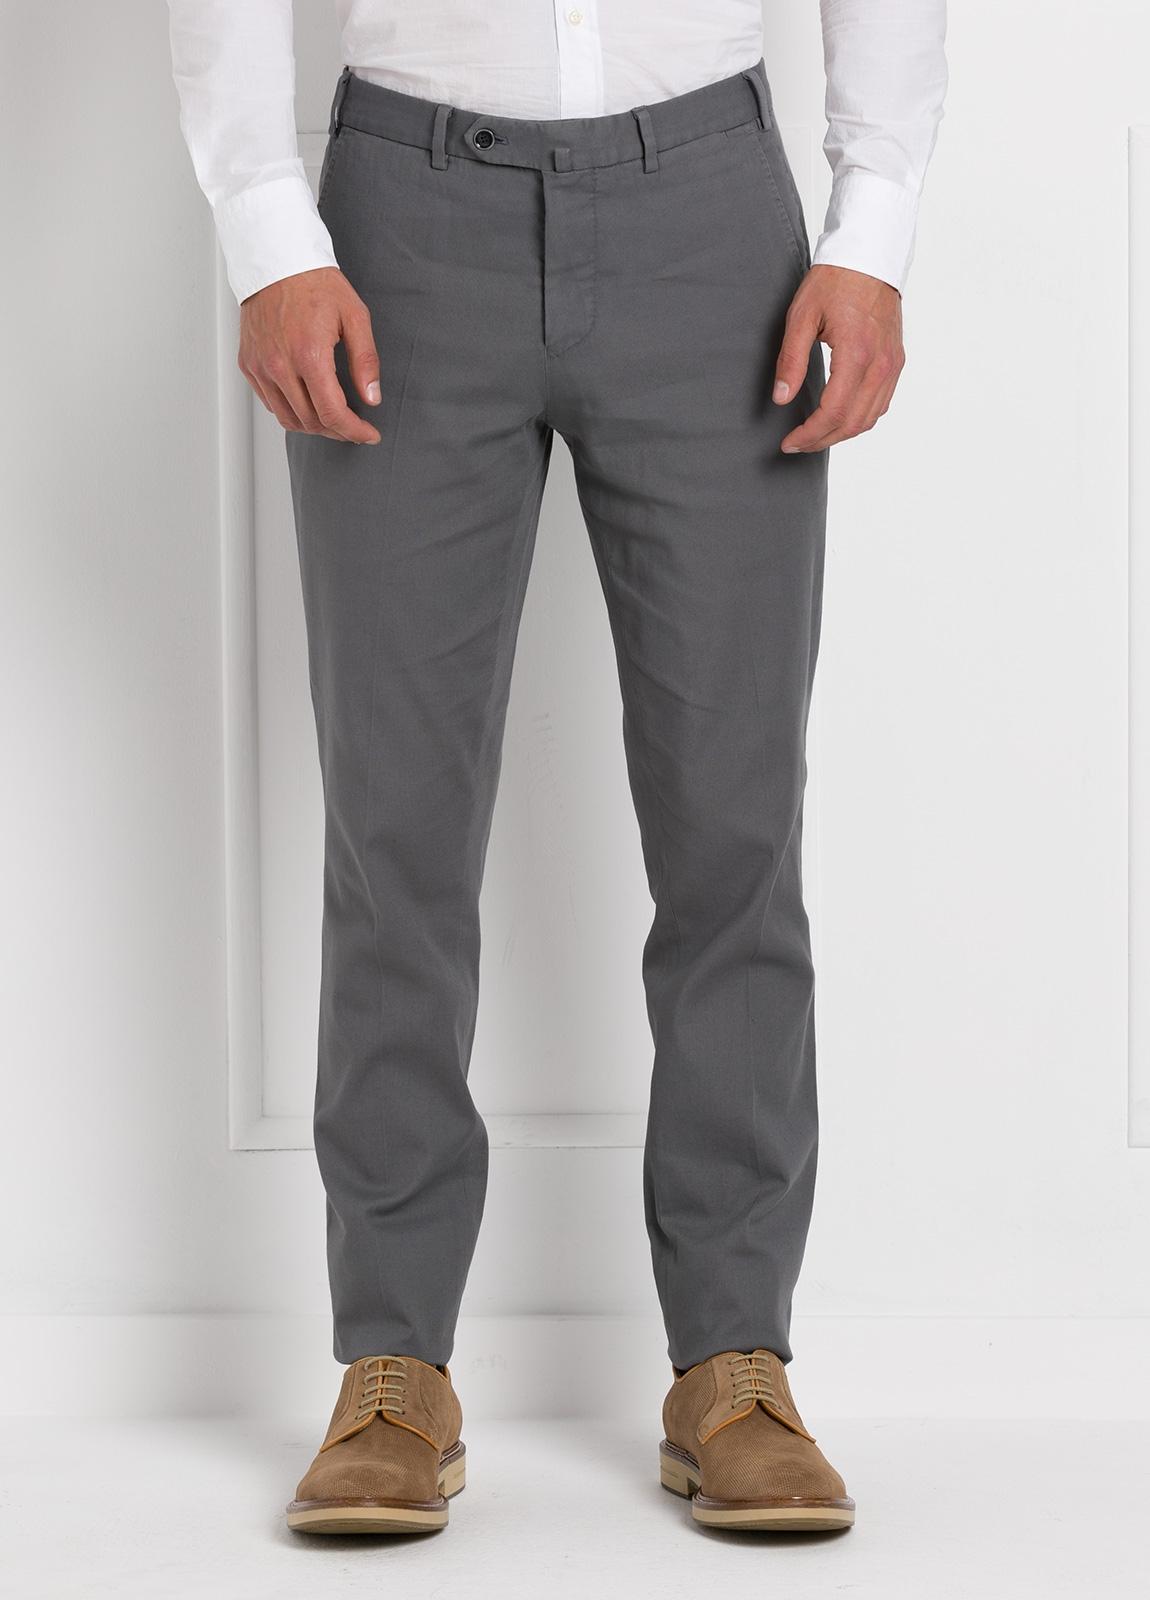 Pantalón chino modelo SANTA color gris. 97% Algodón 3% Elastán.